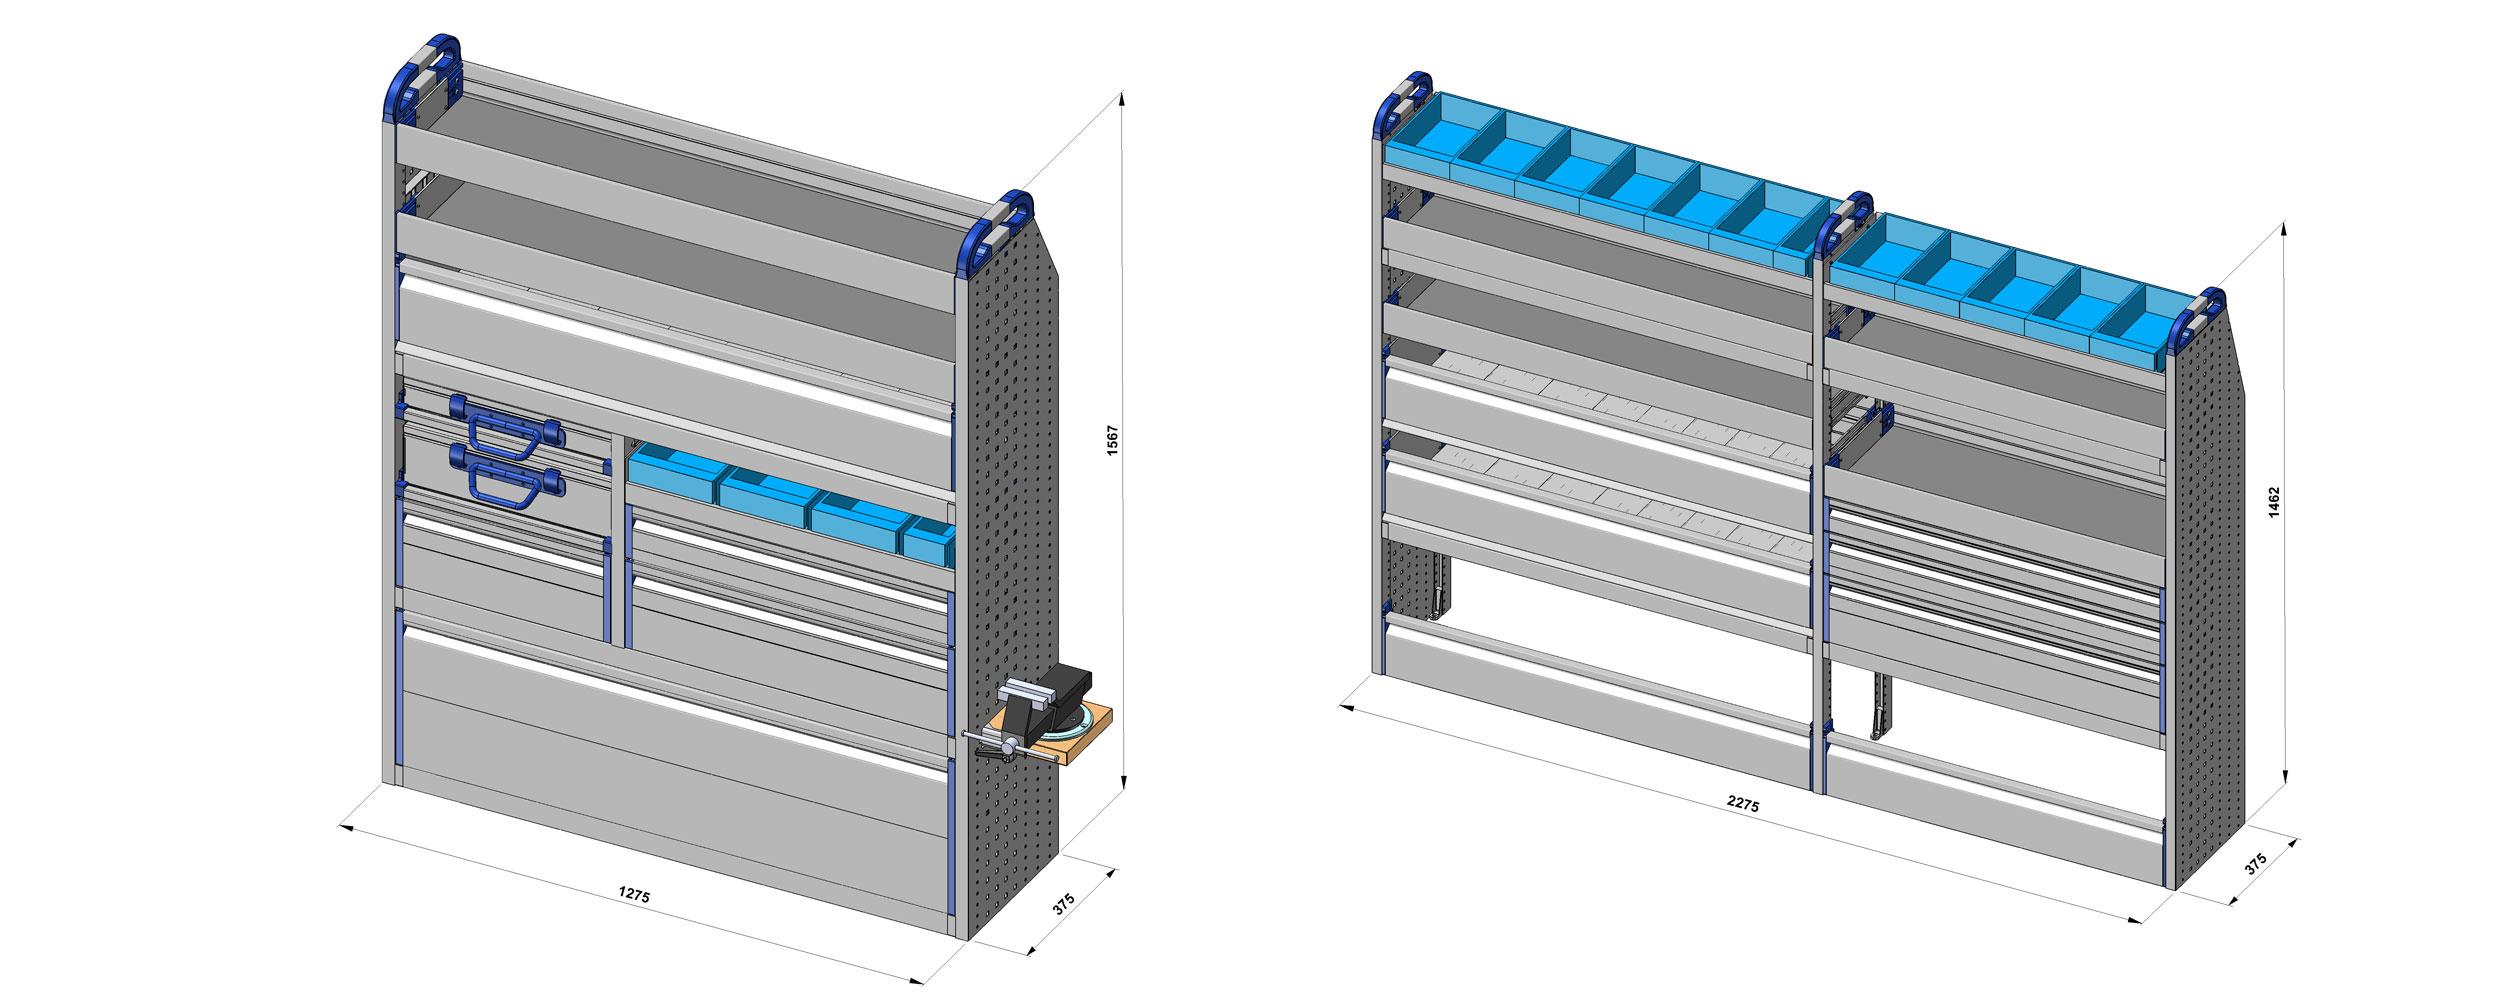 dibujos técnicos furgonetas taller movil personalizado 1